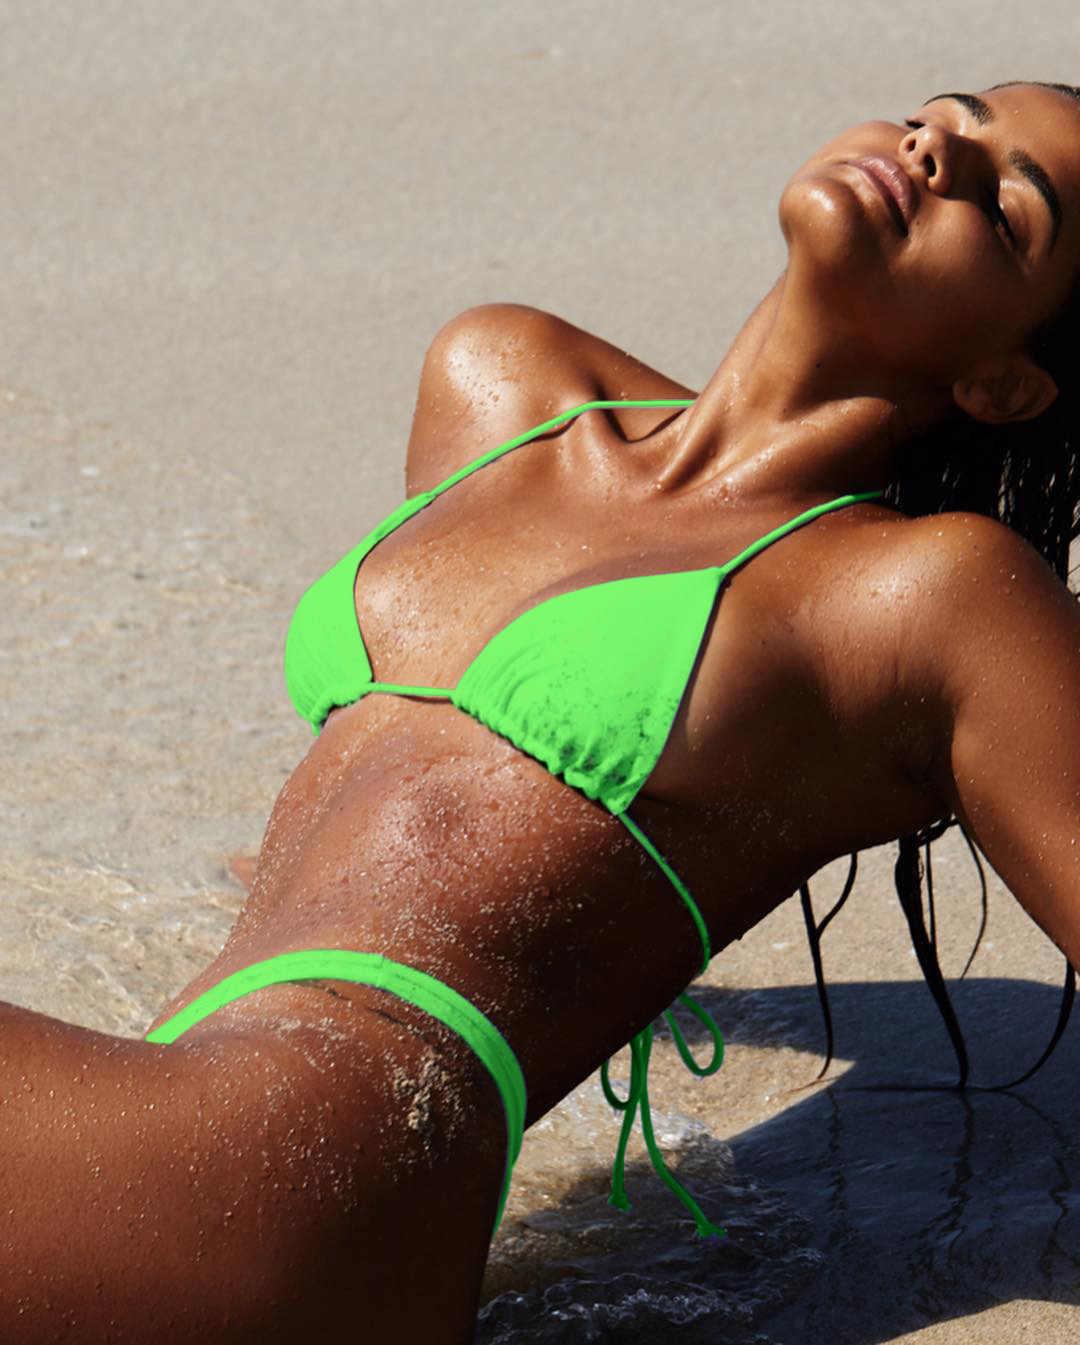 Неоновый зеленый бикини купальник со стрингами купальник с высокими плавками для плавания сексуальный купальник пуш-ап купальник женский купальный костюм бикини 2019